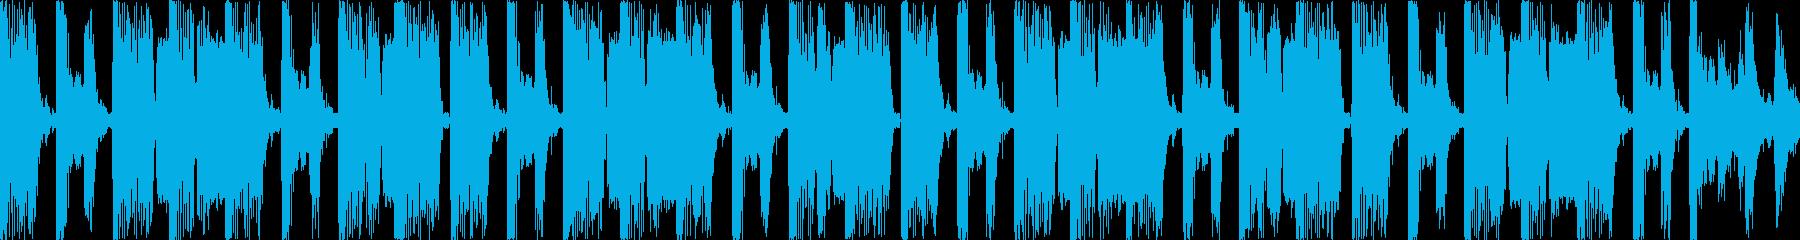 ジャンクな雰囲気のエレクトロなグルーブの再生済みの波形